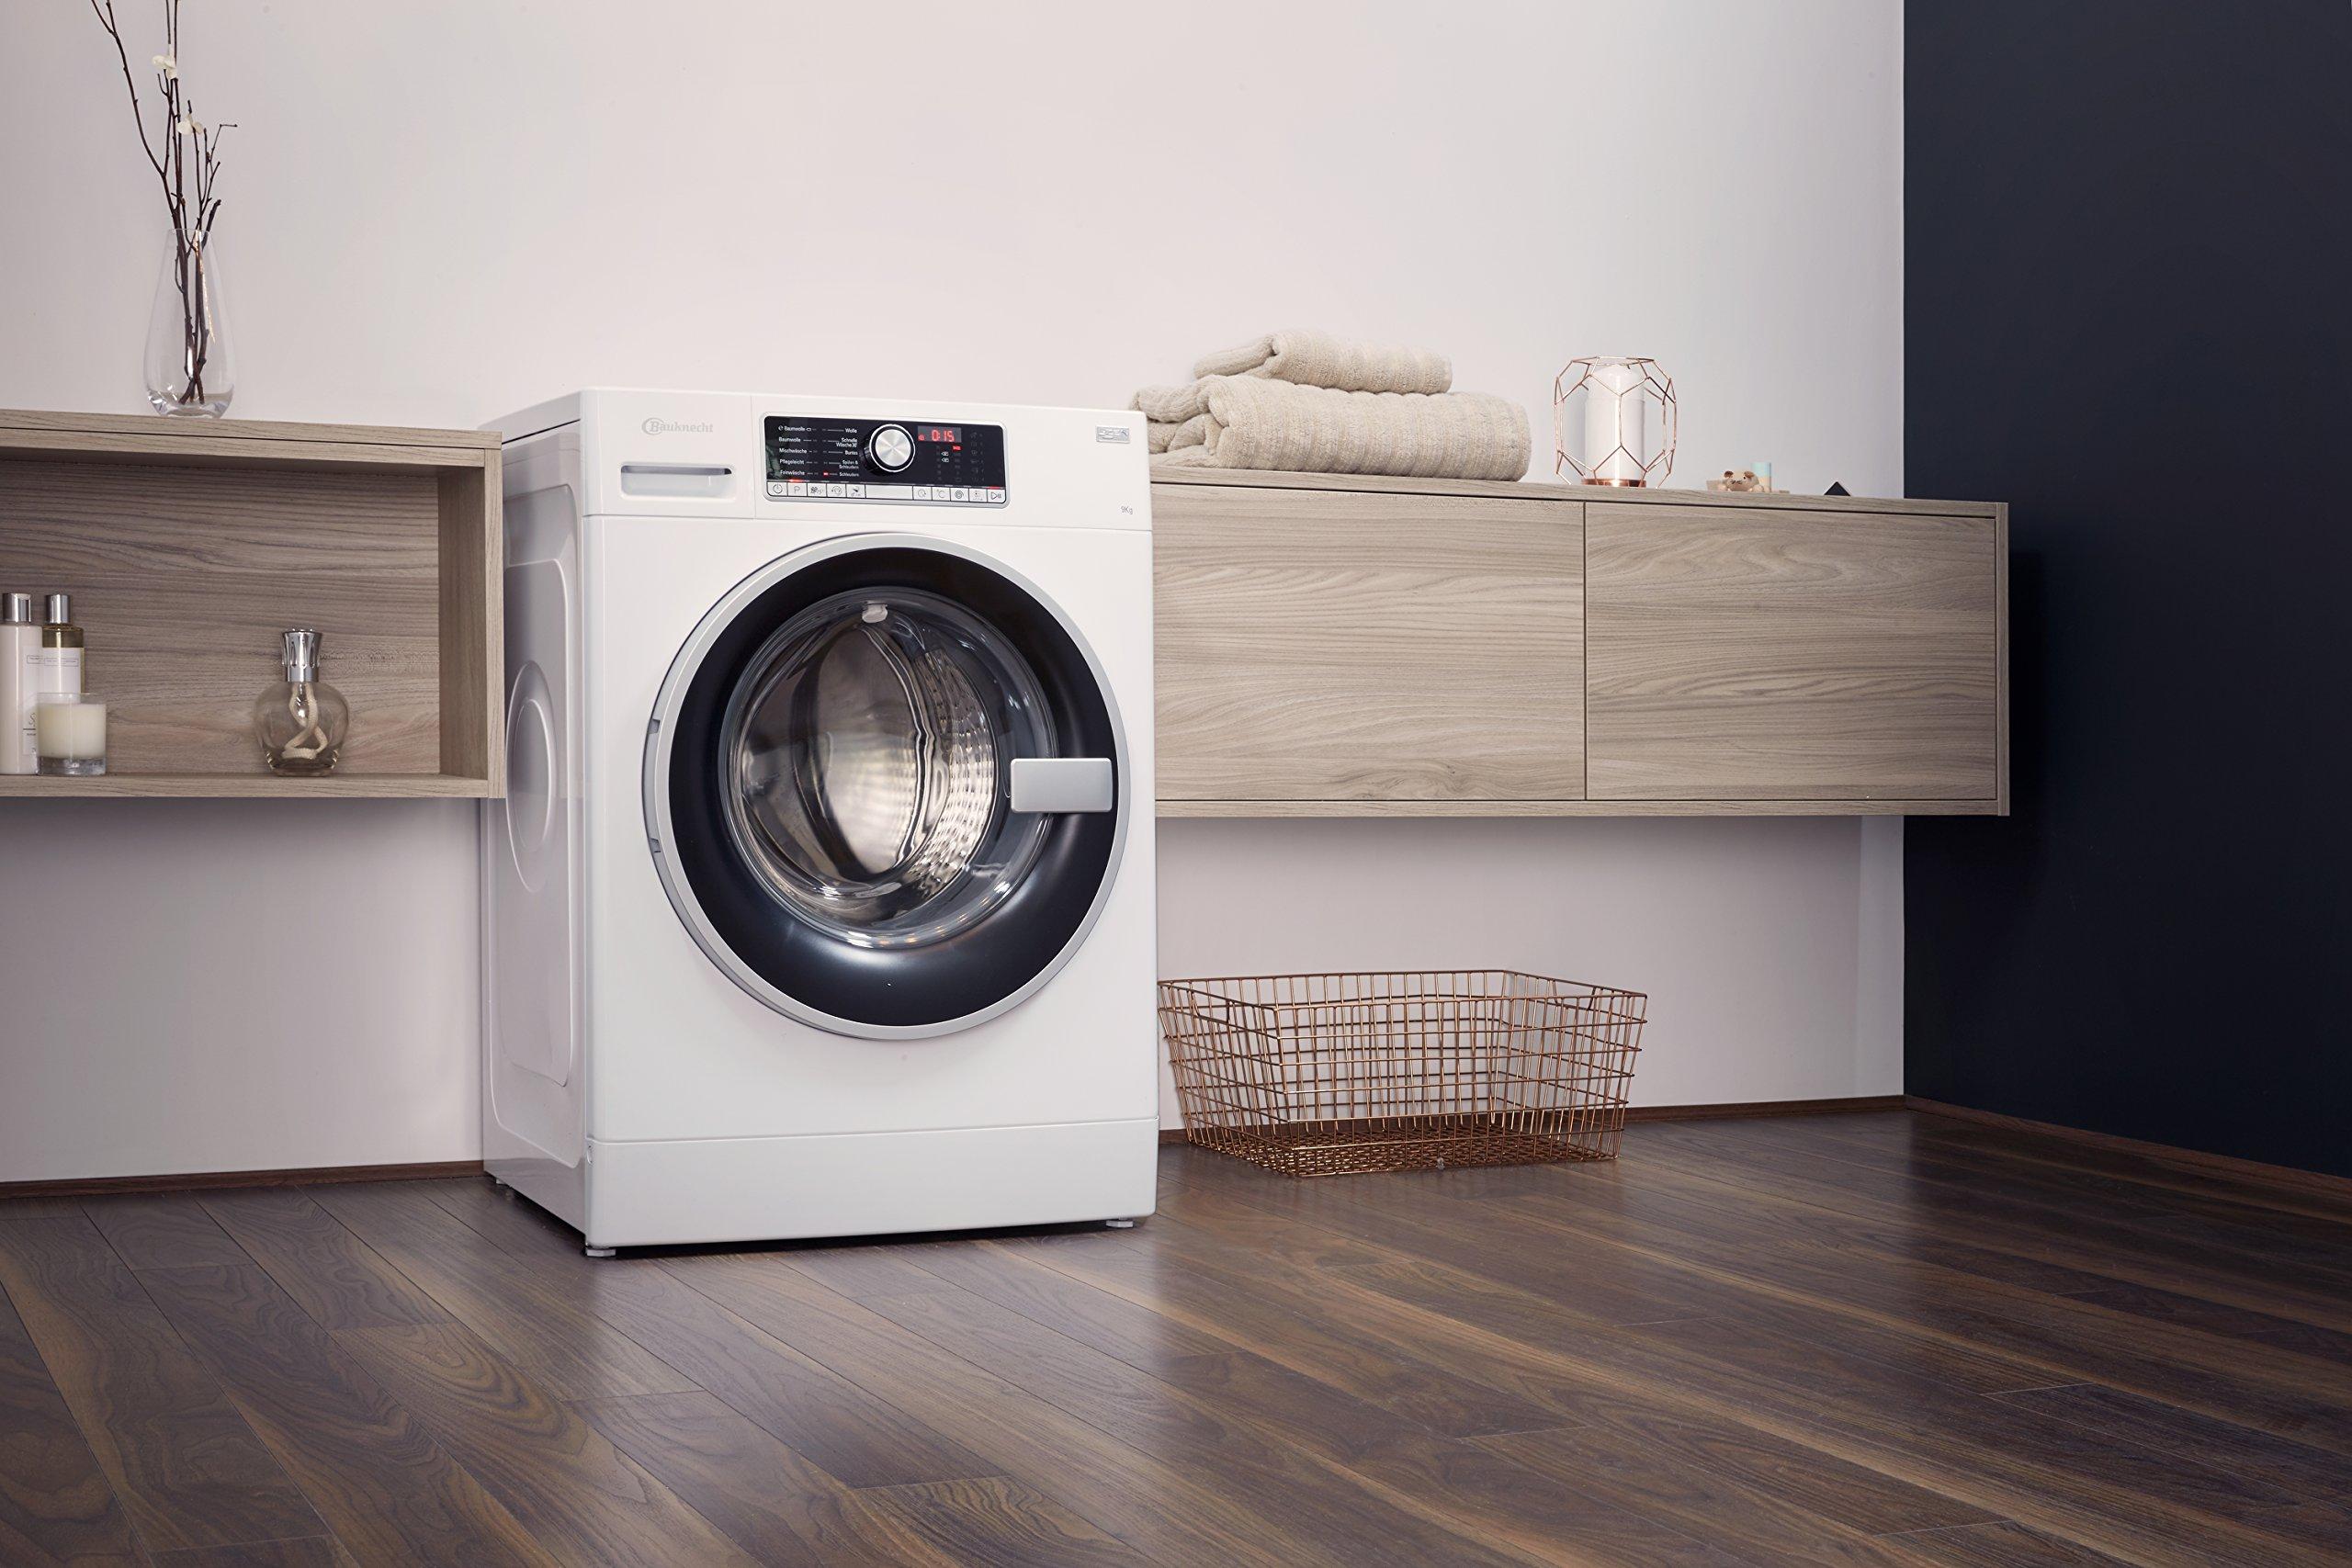 Bauknecht-WM-Trend-914-ZEN-Waschmaschine-FLA-125-kWhJahr-1400-UpM-9-kgsehr-leise-mit-48-dBZEN-Direktantriebwei